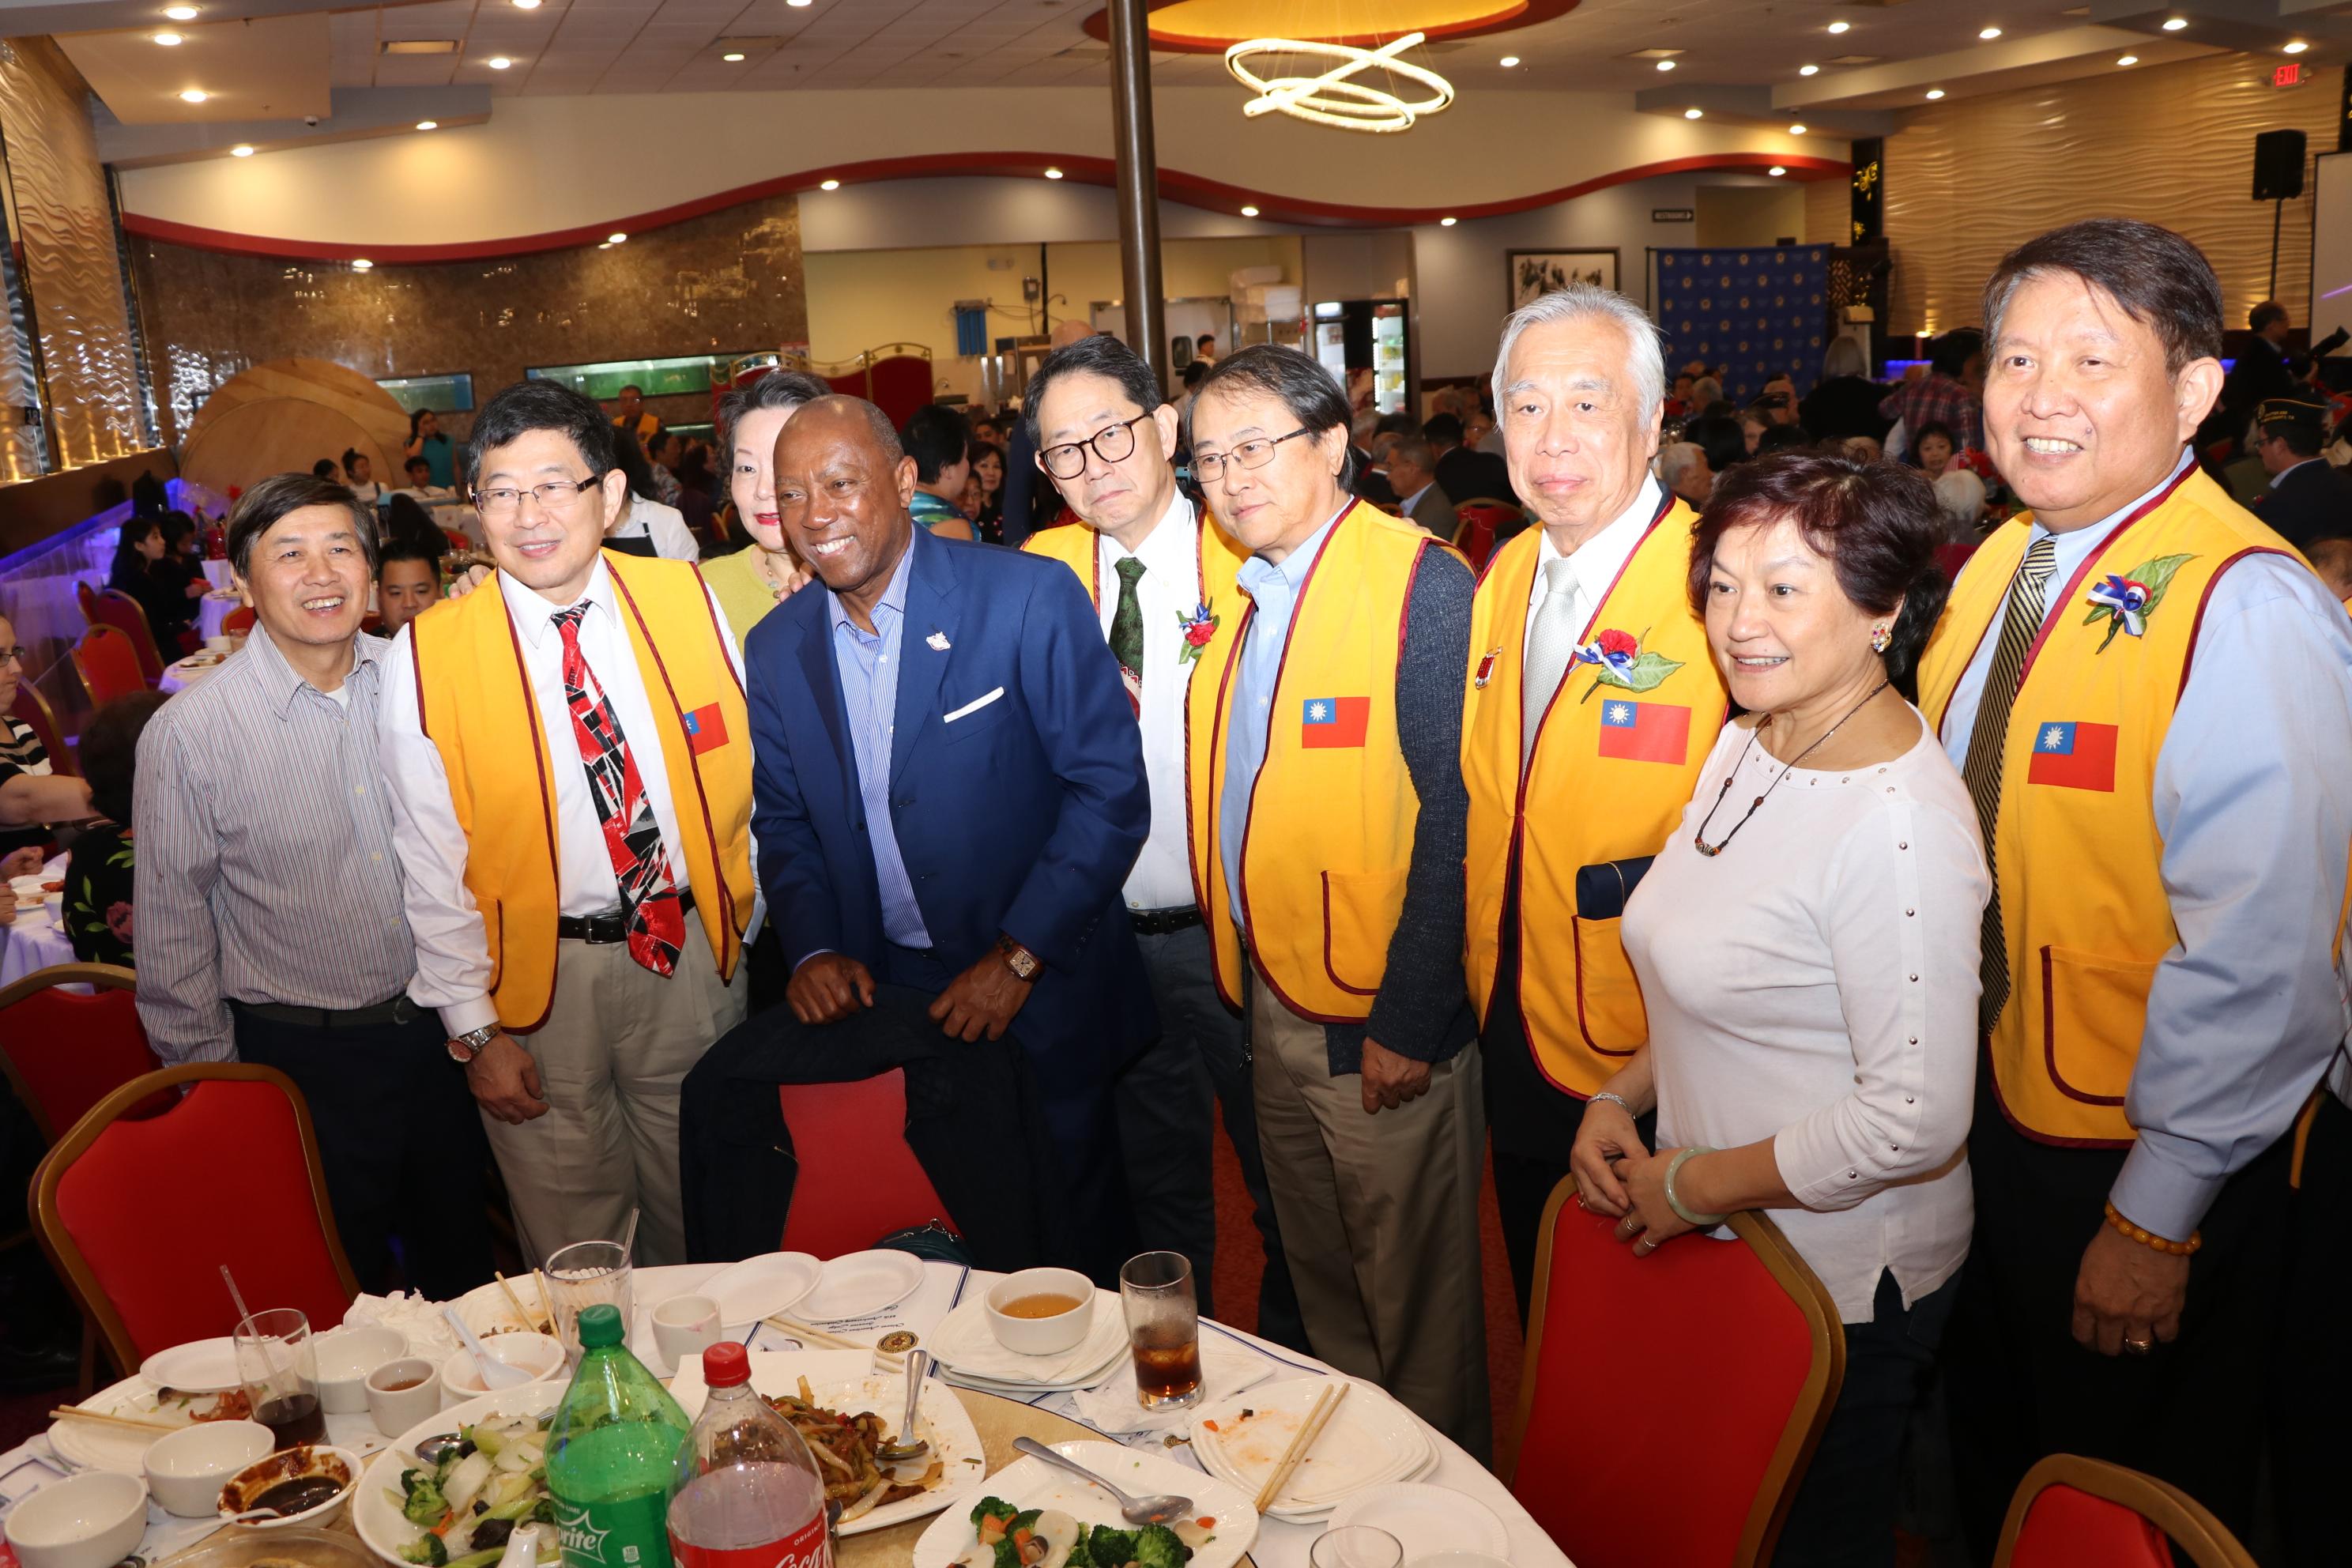 休士頓榮光會的弟兄與休士頓市長相見歡。